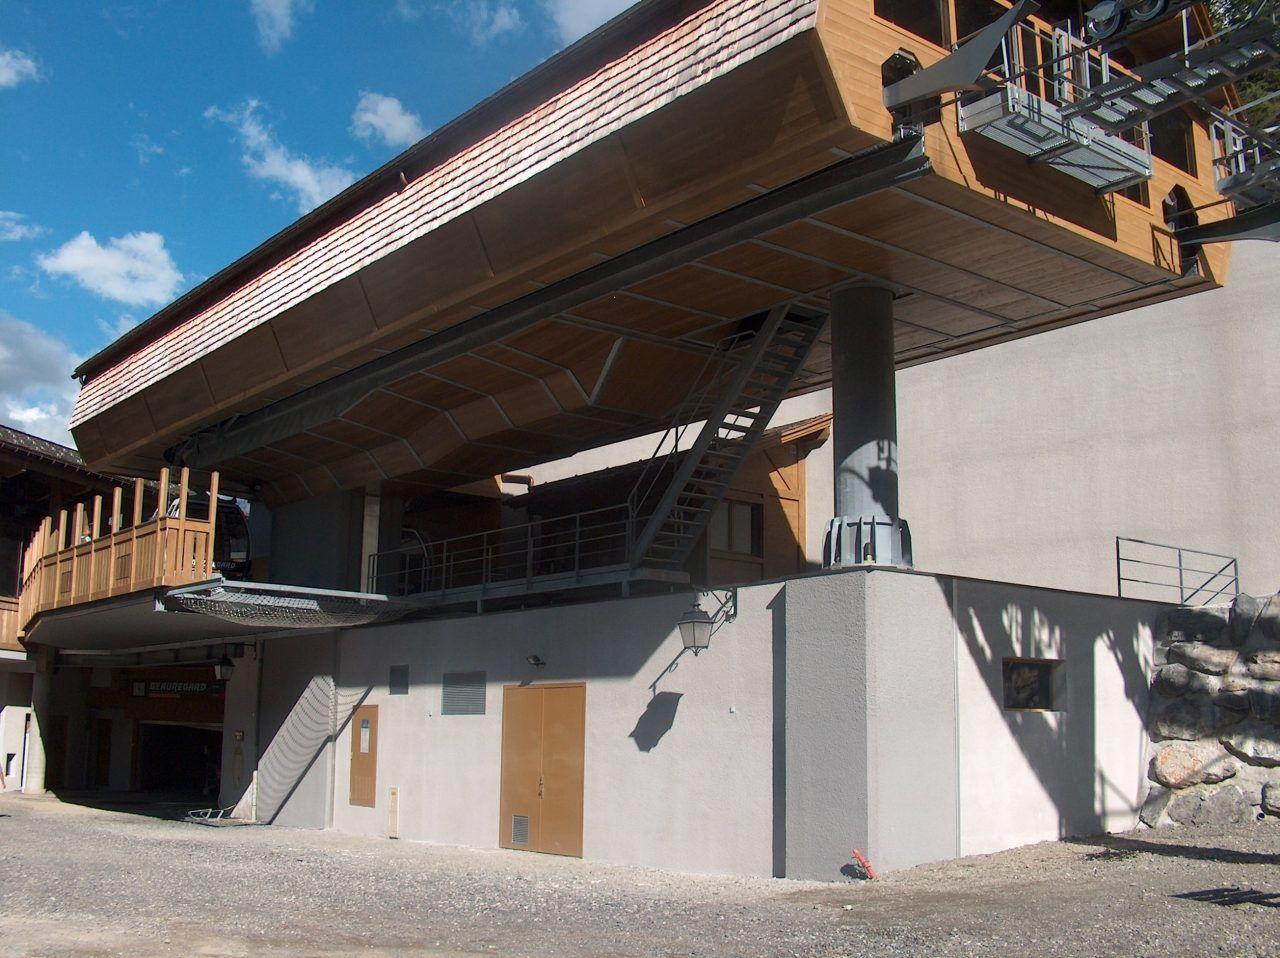 télécabine de beauregard la clusaz construction barrachin BTP